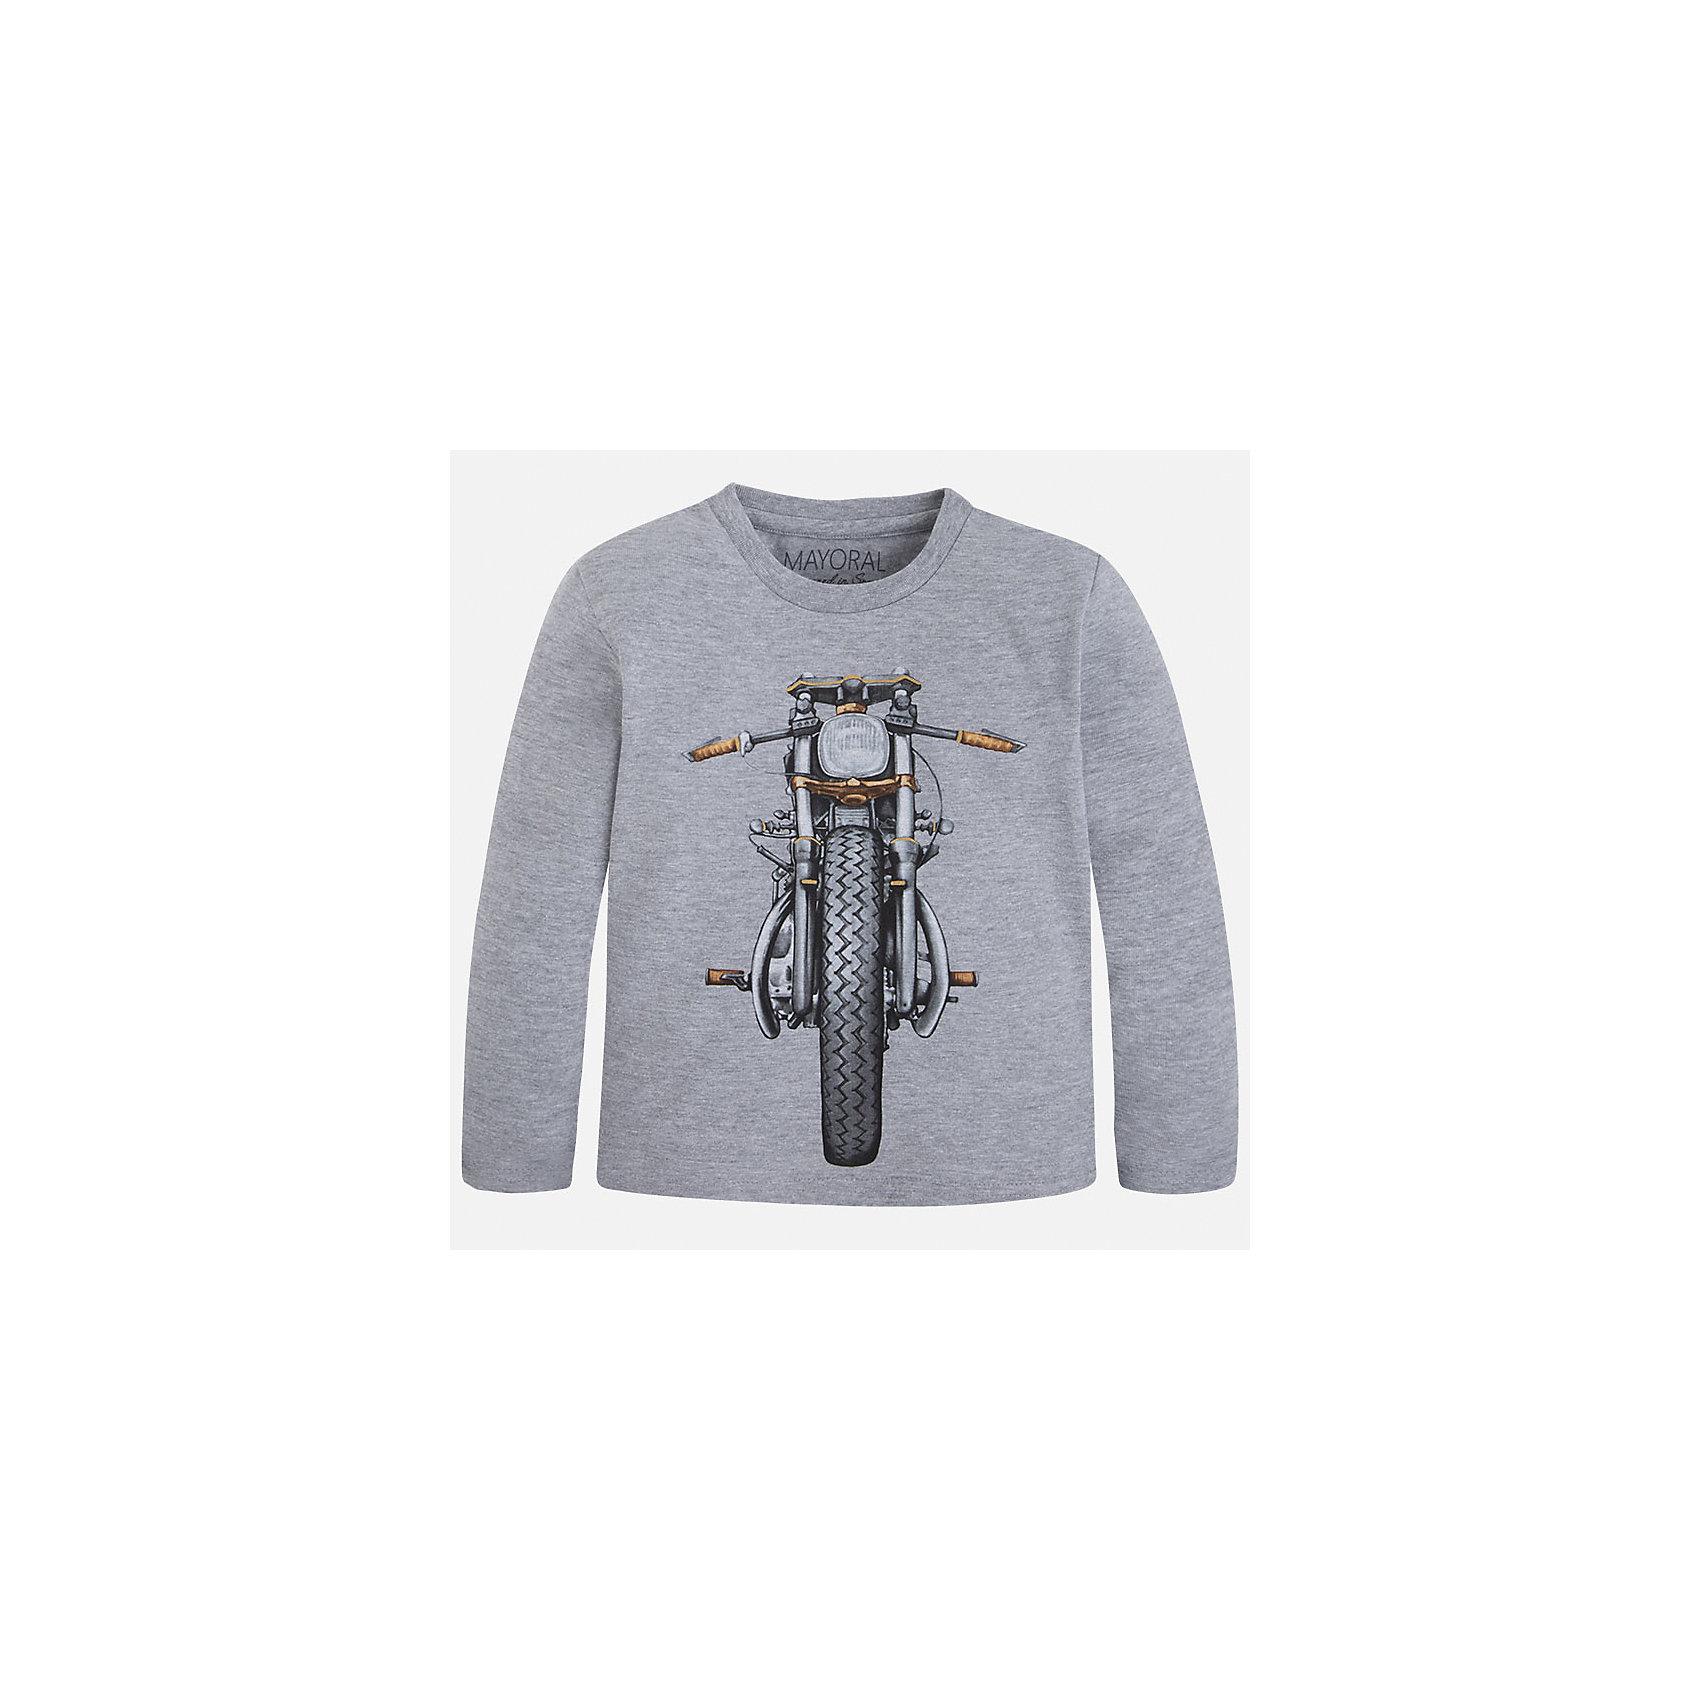 Футболка с длинным рукавом для мальчика MayoralХлопковая футболка с длинными рукавами - это  базовая вещь в любом гардеробе. Благодаря длинным рукавам и легкому составу, ее можно носить в любое время года, а яркий орнамент, подчеркнет индивидуальный стиль Вашего ребенка!<br><br>Дополнительная информация:<br><br>- Крой: прямой крой.<br>- Страна бренда: Испания.<br>- Состав: хлопок 100%.<br>- Цвет: серый.<br>- Уход: бережная стирка при 30 градусах.<br><br>Купить футболку с длинным рукавом для мальчика, от  Mayoral, можно в нашем магазине.<br><br>Ширина мм: 230<br>Глубина мм: 40<br>Высота мм: 220<br>Вес г: 250<br>Цвет: серый<br>Возраст от месяцев: 48<br>Возраст до месяцев: 60<br>Пол: Мужской<br>Возраст: Детский<br>Размер: 110,134,128,122,116,104,98<br>SKU: 4821872